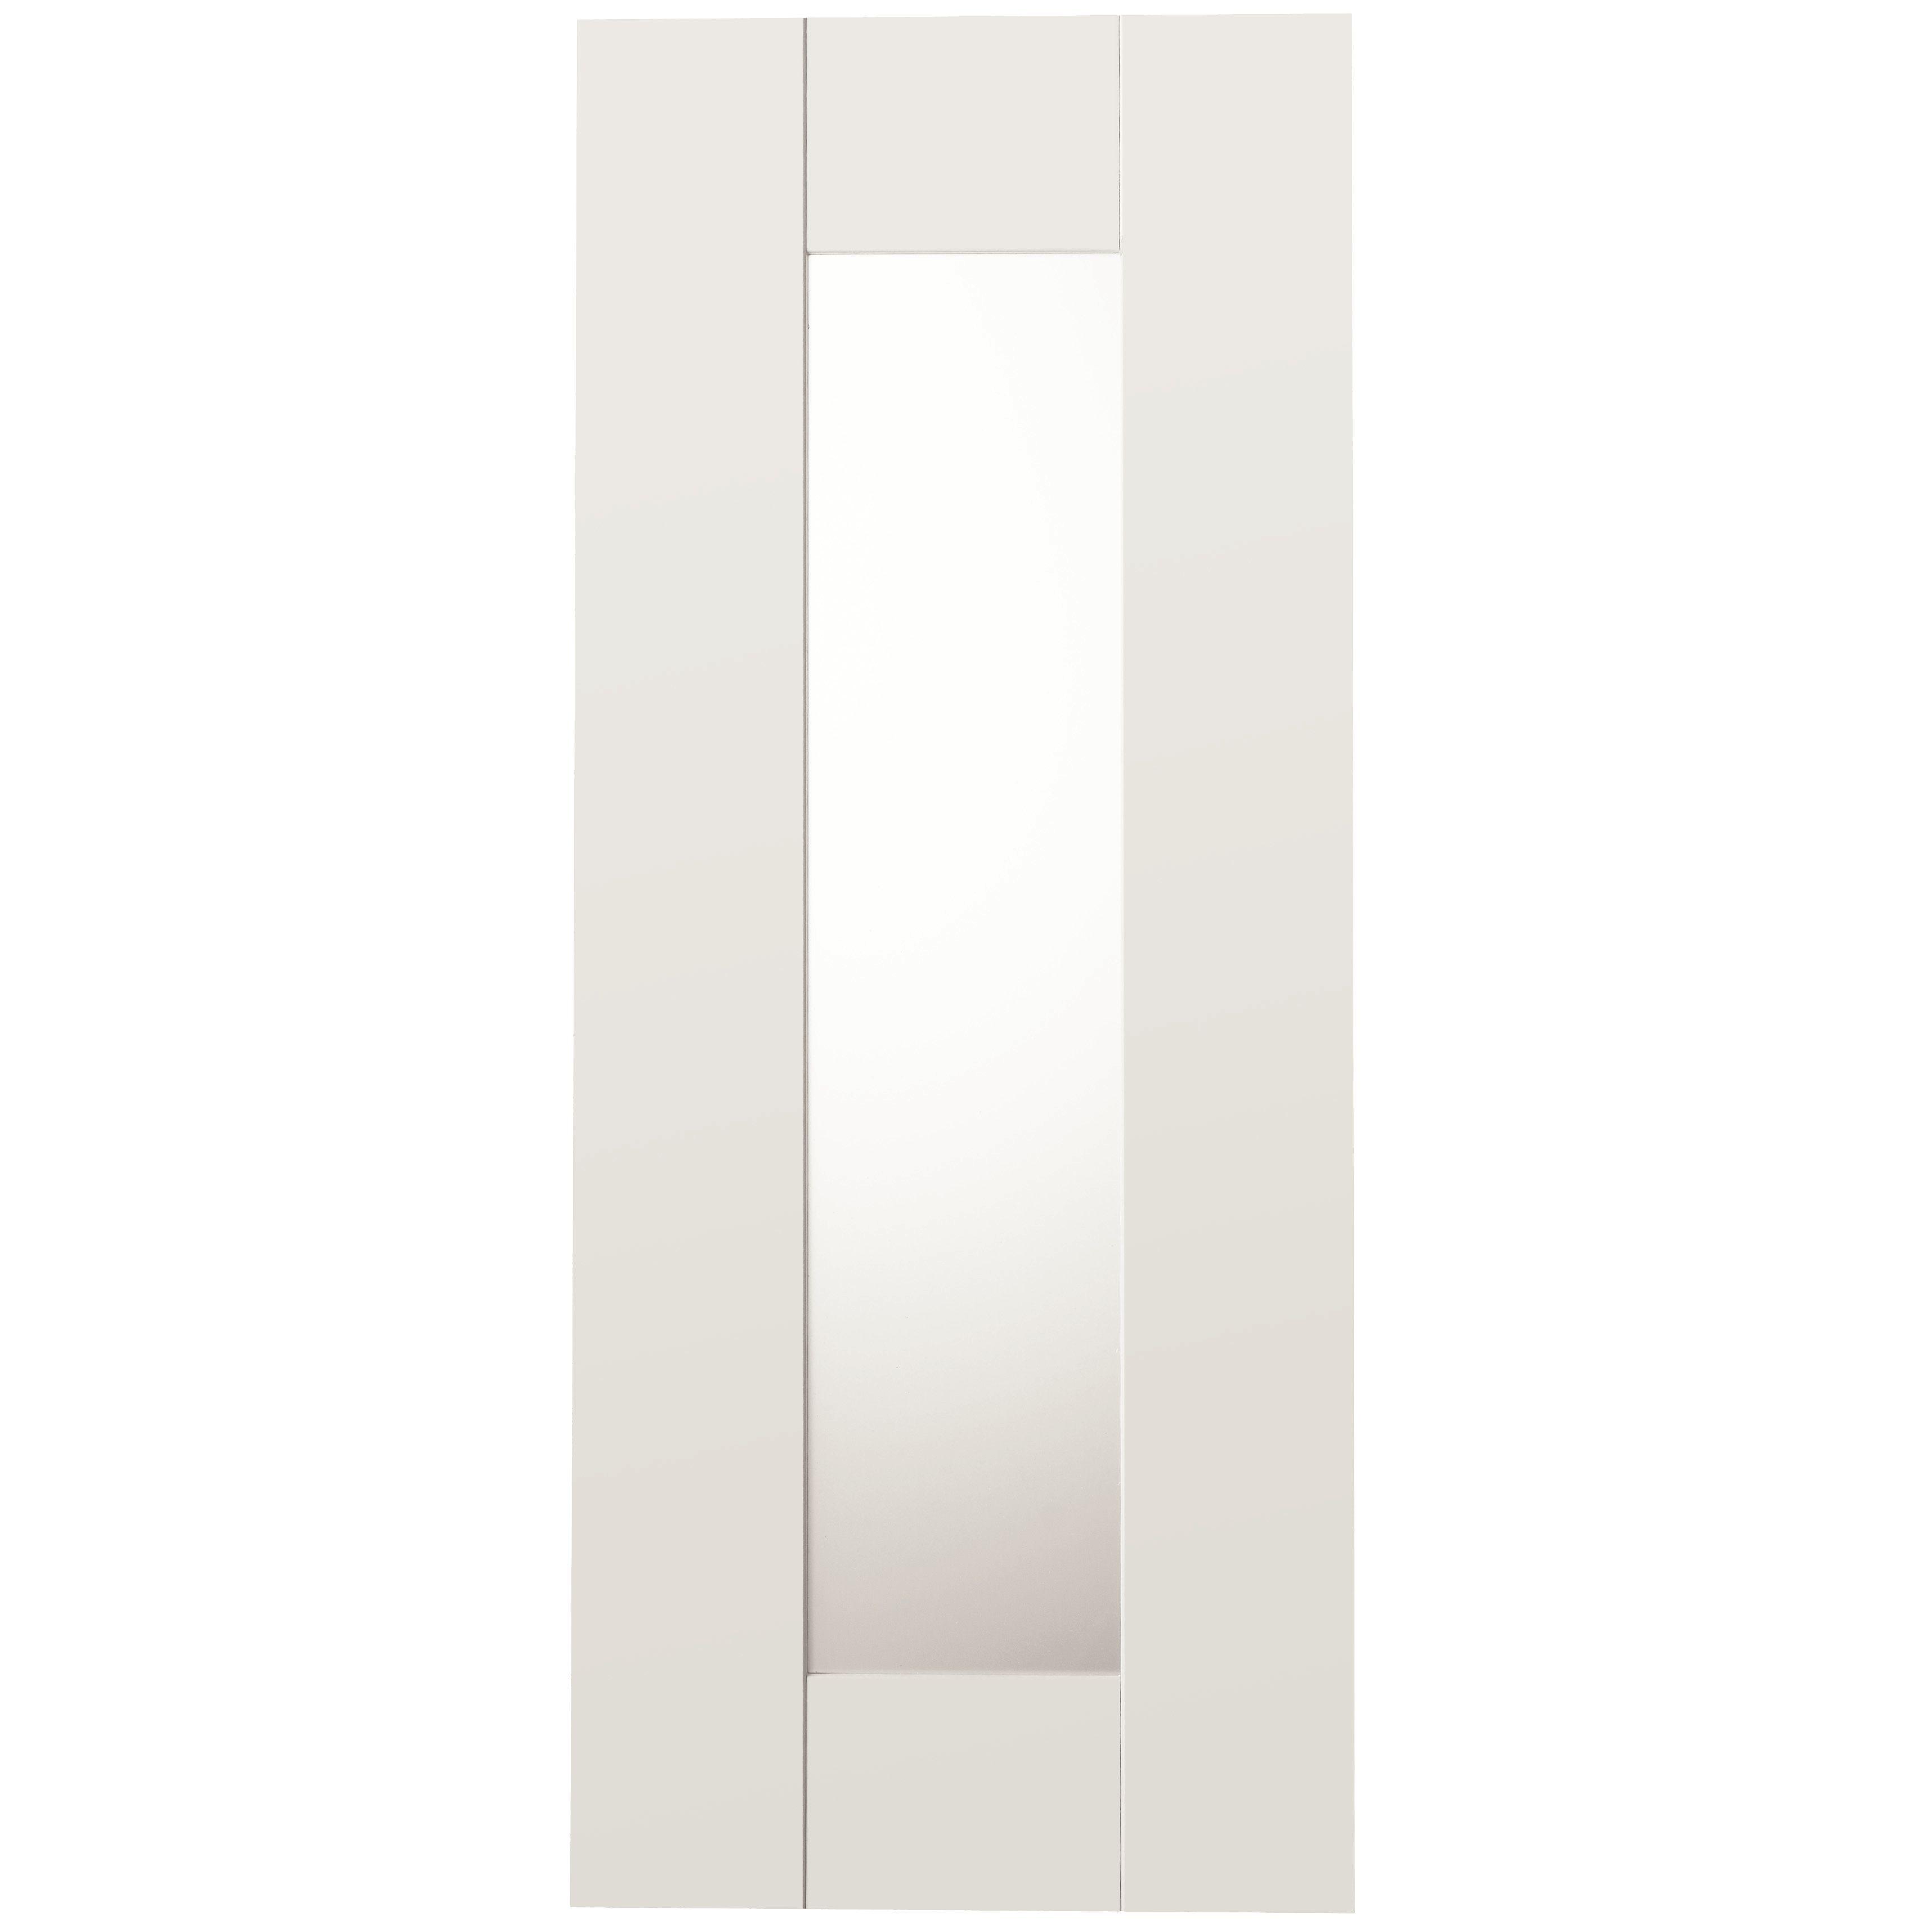 Ivory Glazed Kitchen Cabinets: IT Kitchens Westleigh Ivory Style Shaker Glazed Cabinet